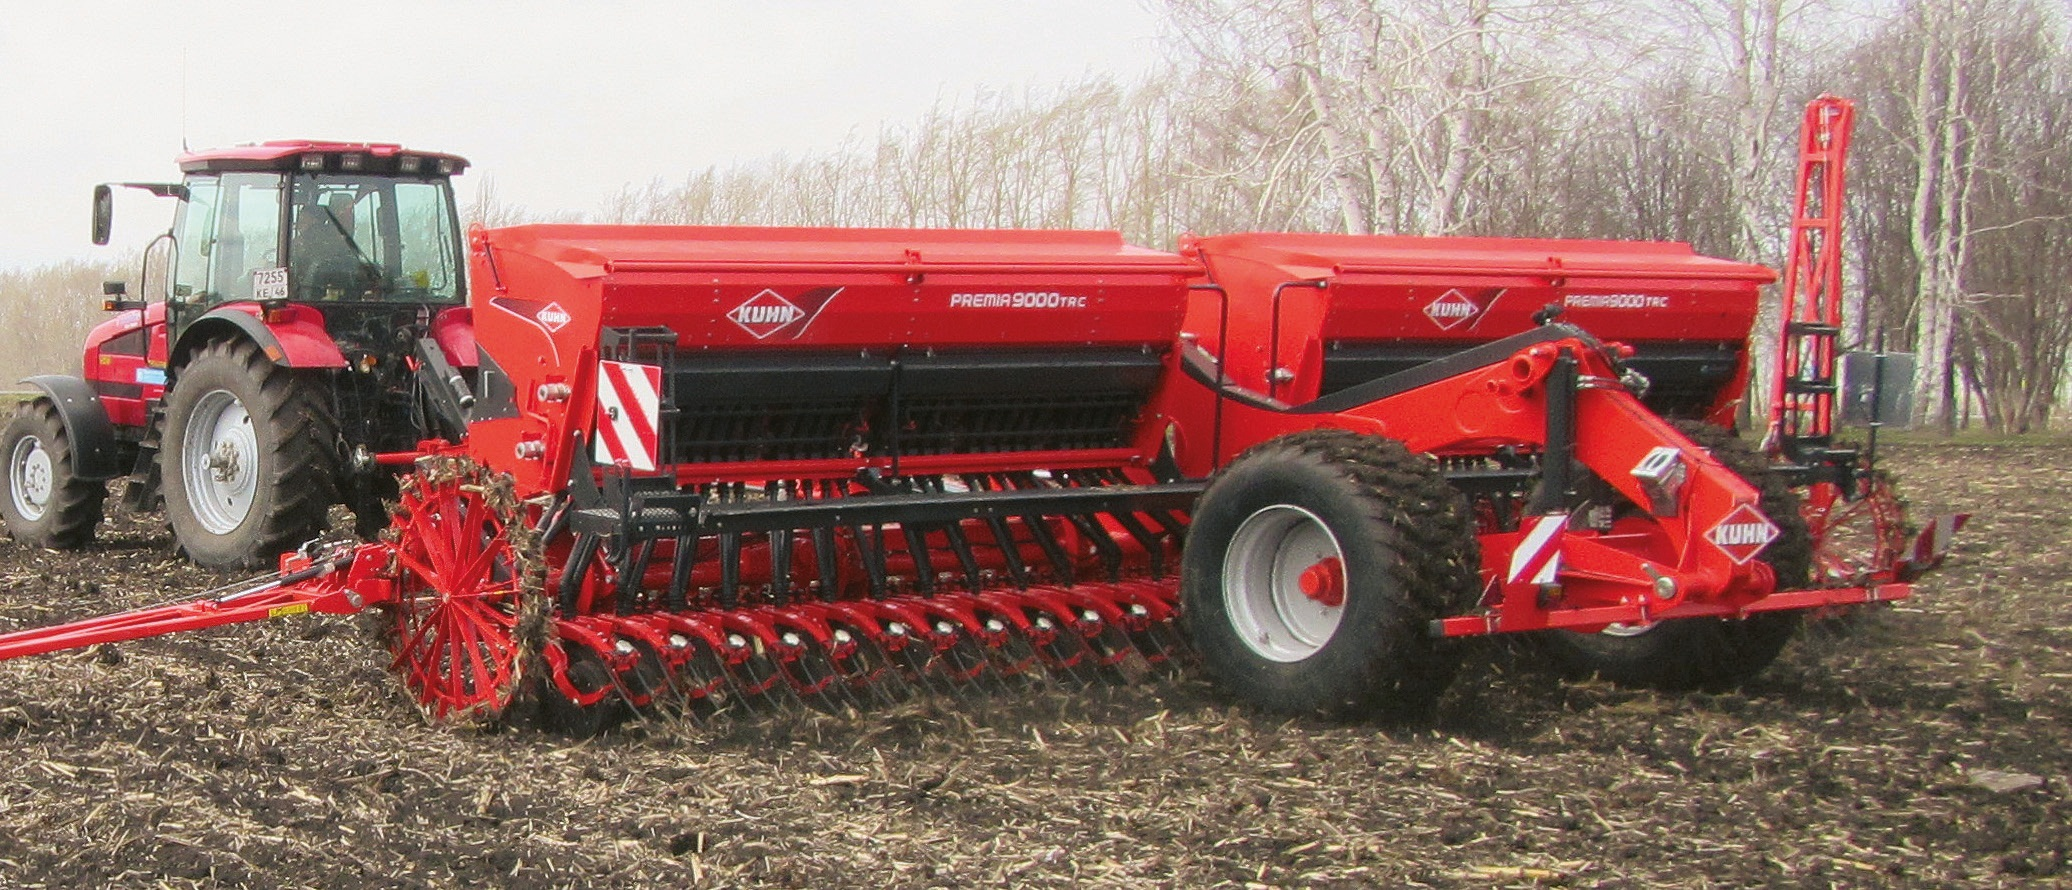 Механическая зерновая техника KUHN PREMIA 9000 TRC